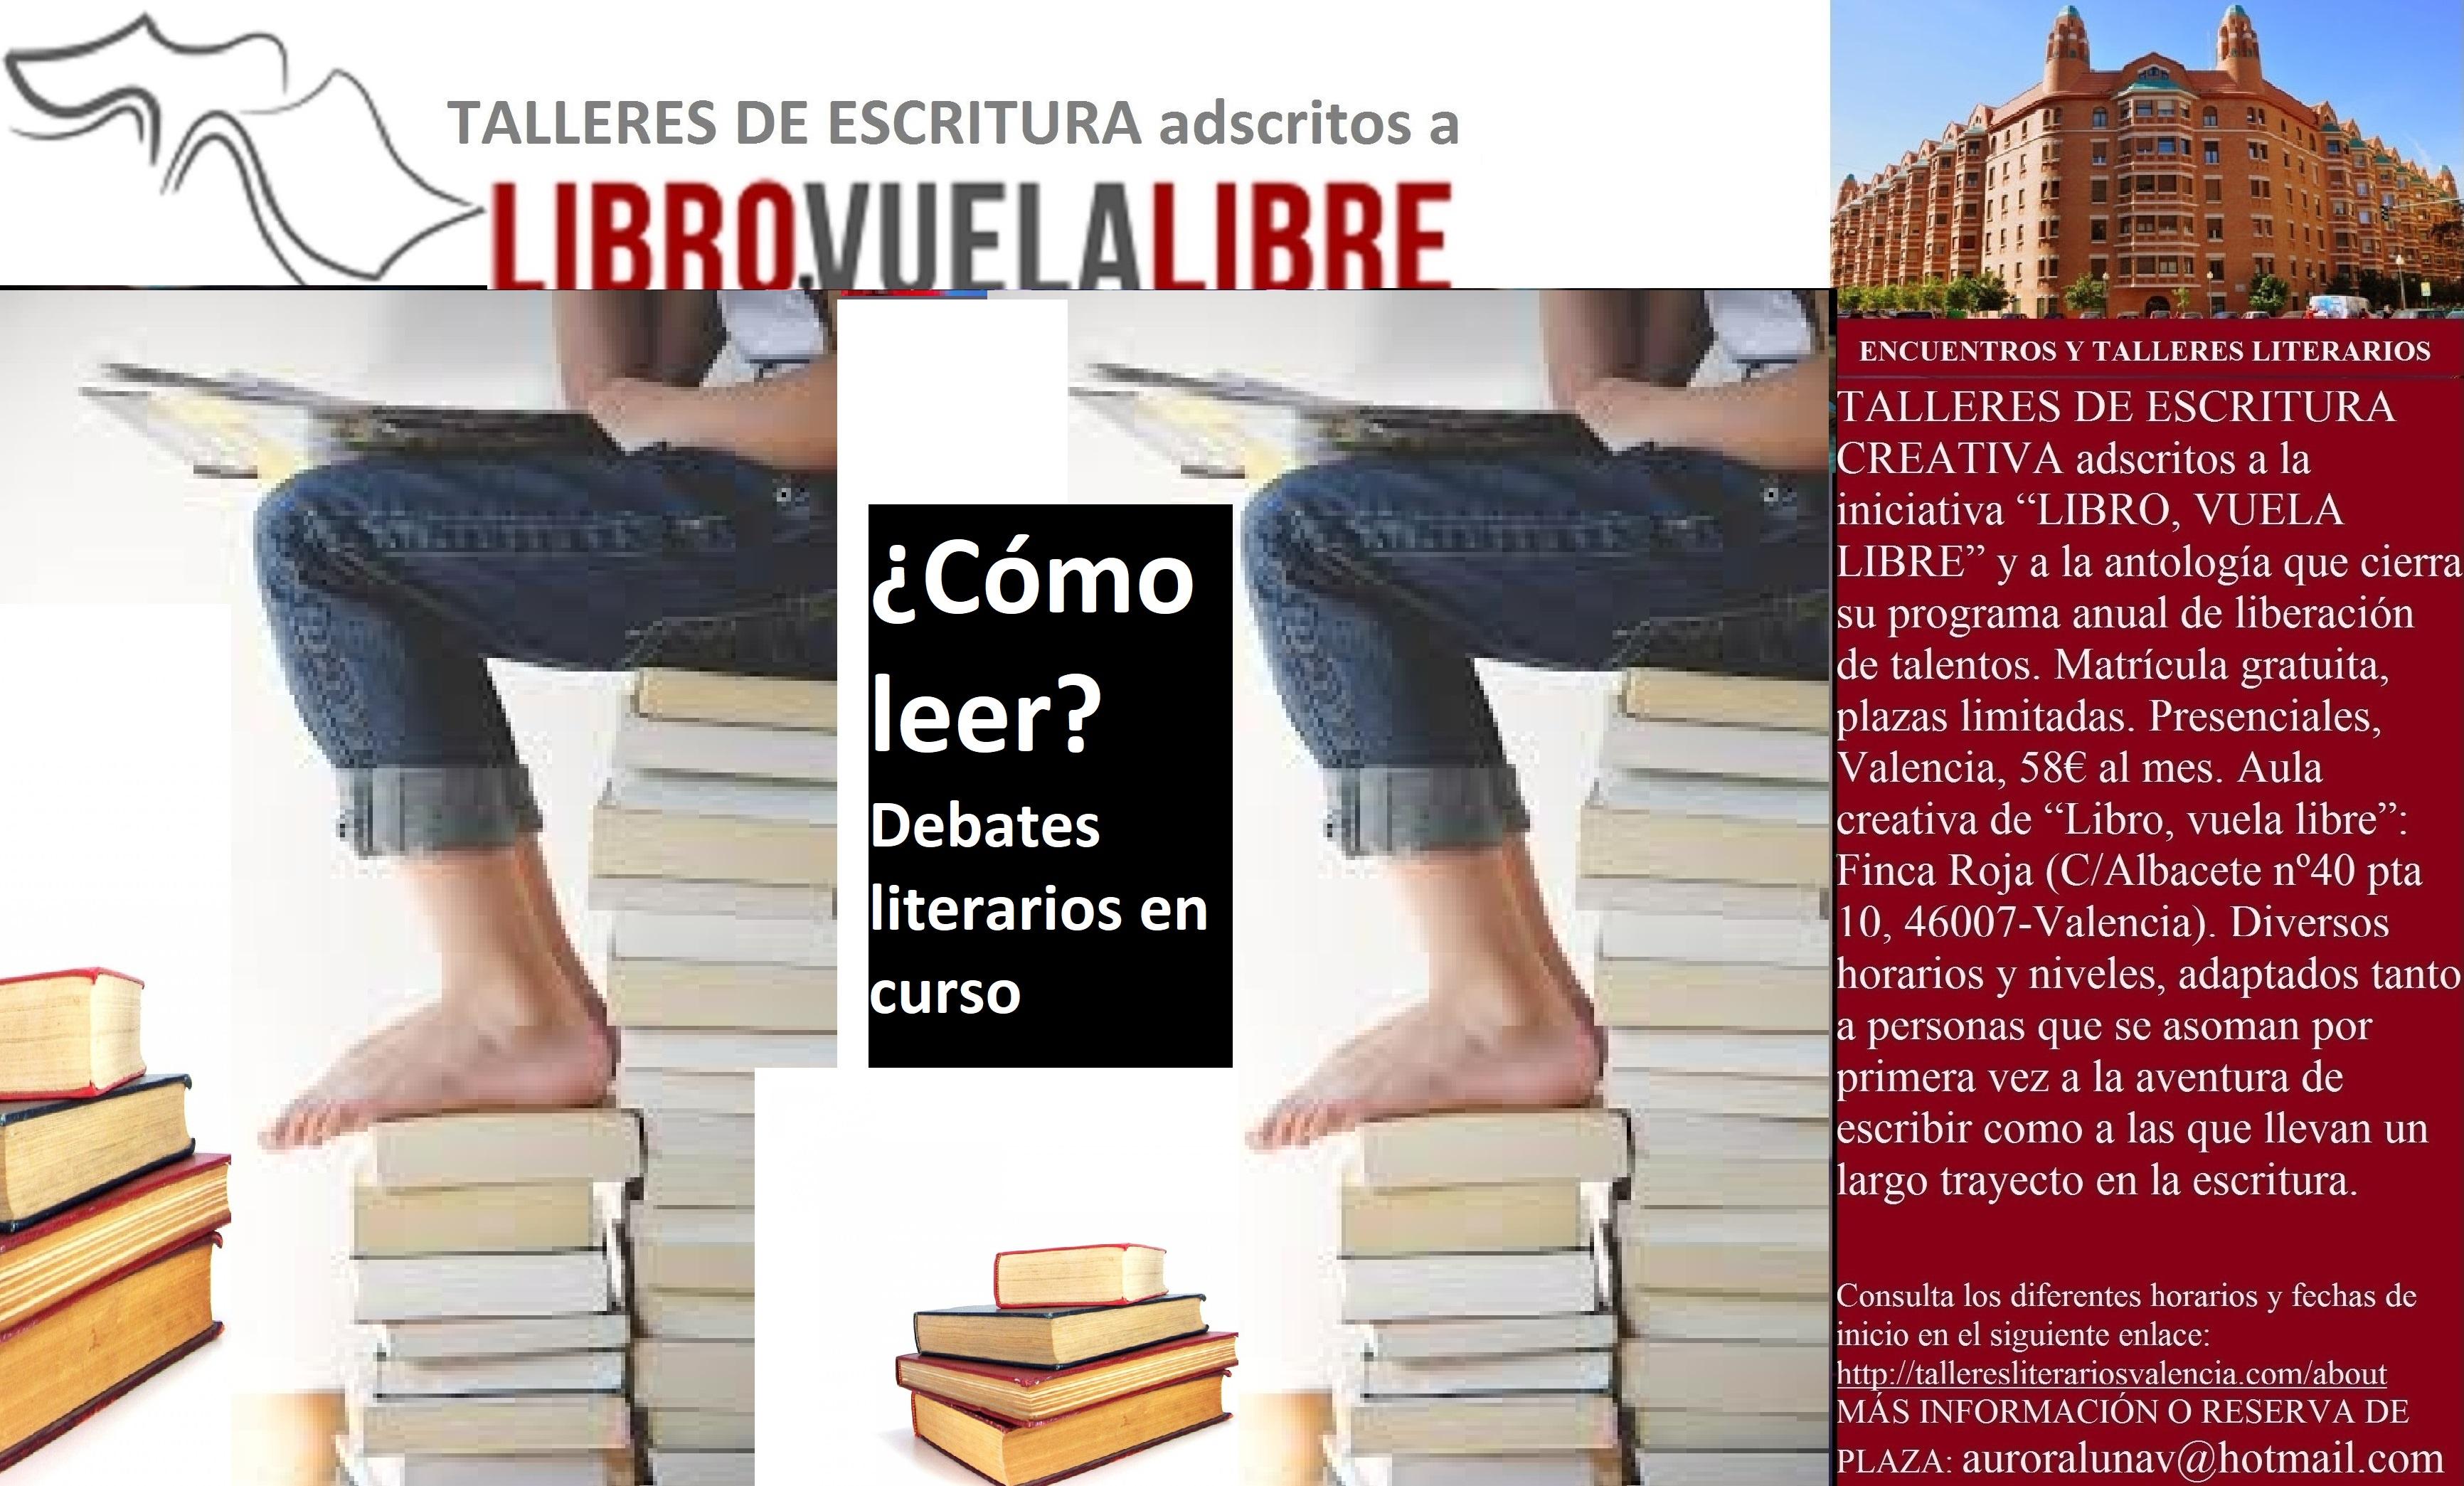 CÓMO LEER. Taller literario en Valencia, debates en curso de LIBRO, VUELA LIBRE